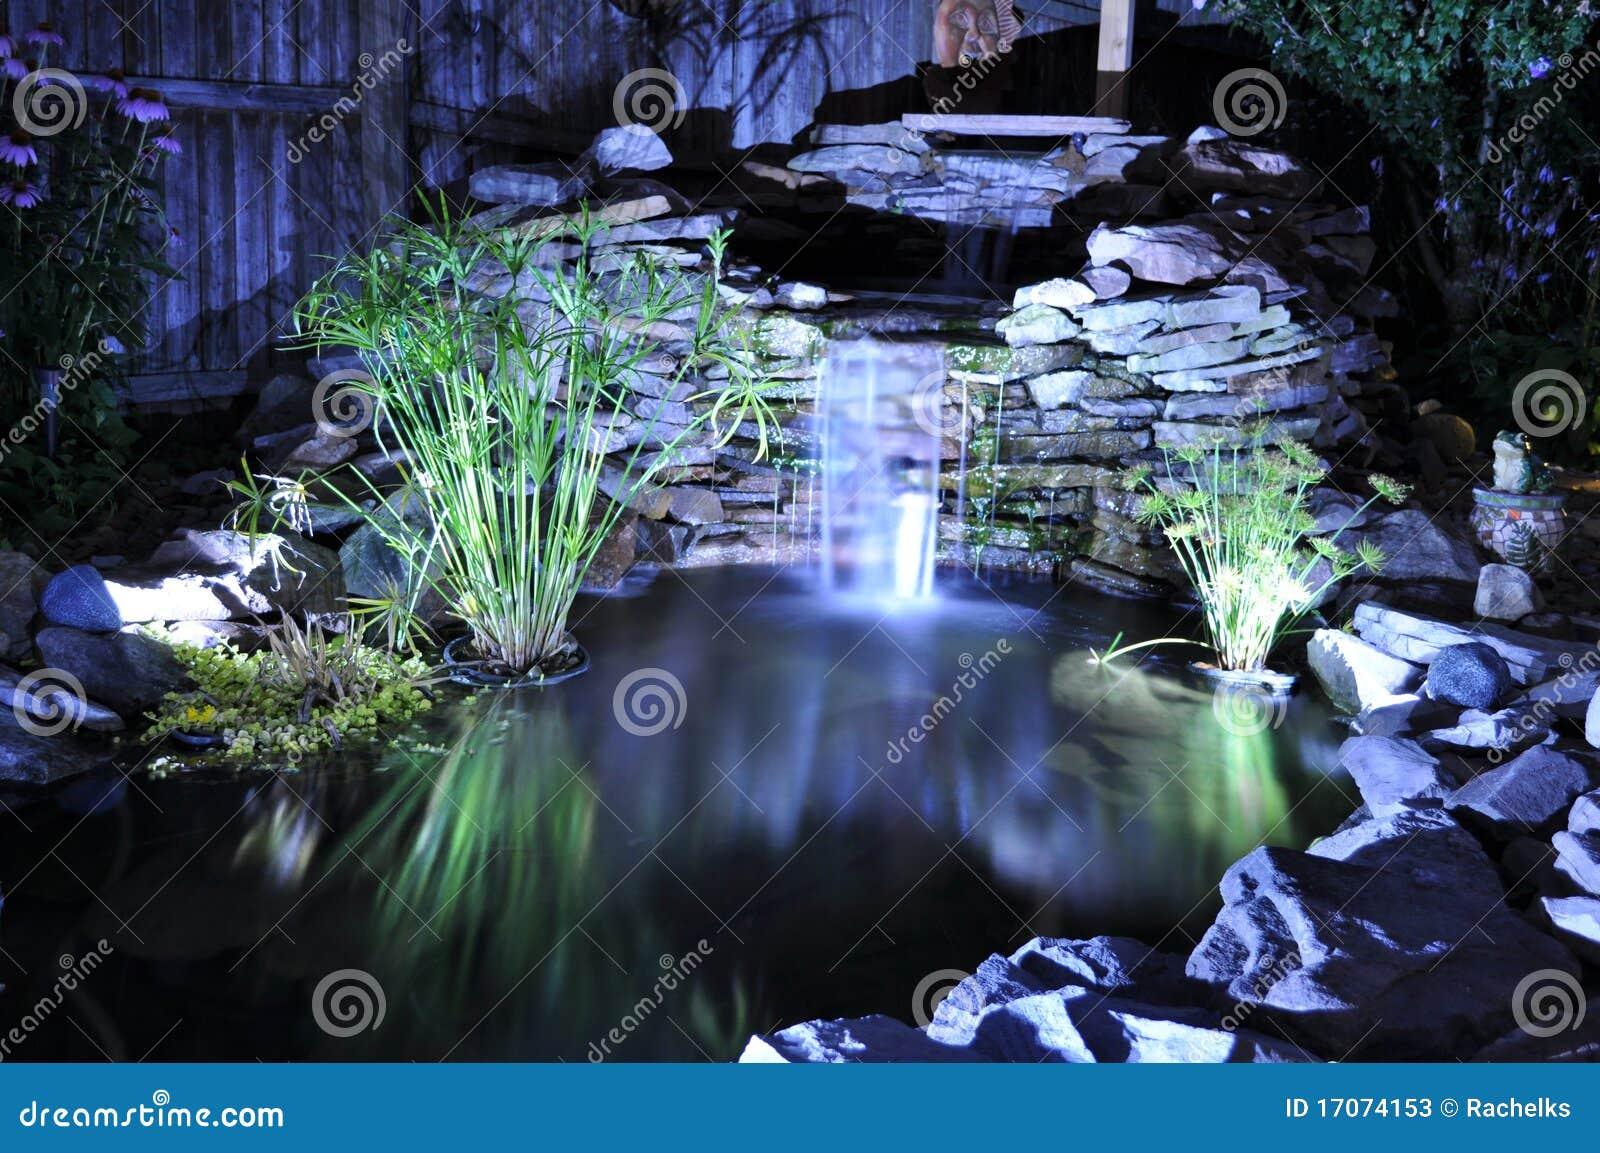 Backyard Sounds At Night : Backyard pond lit up by lights at night